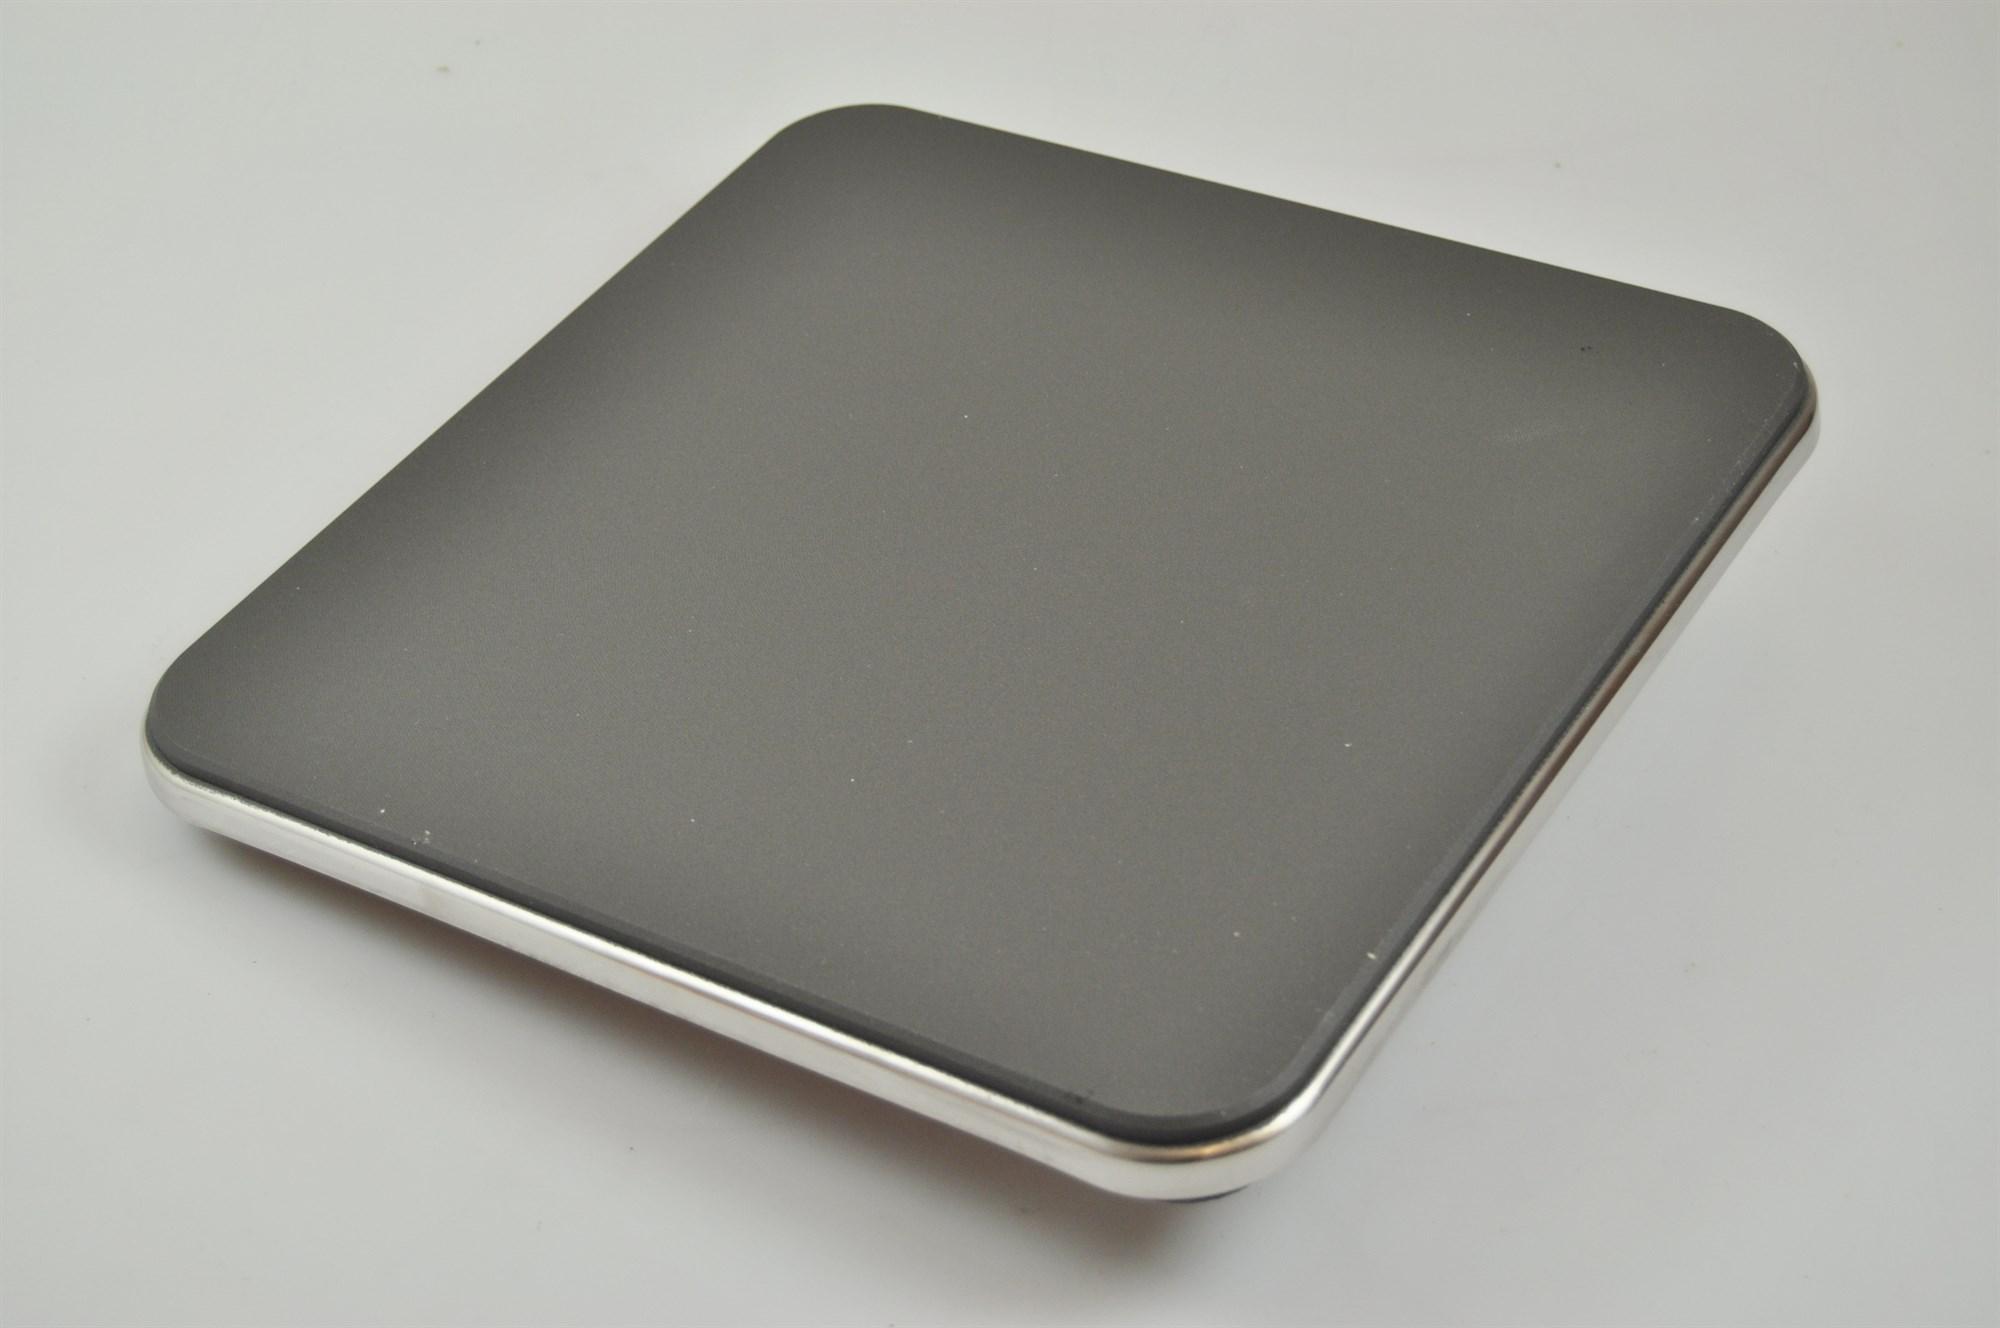 meilleure sélection 99eab 952e2 Plaque électrique, Universal cuisinière & four industriel - 380V/3000W